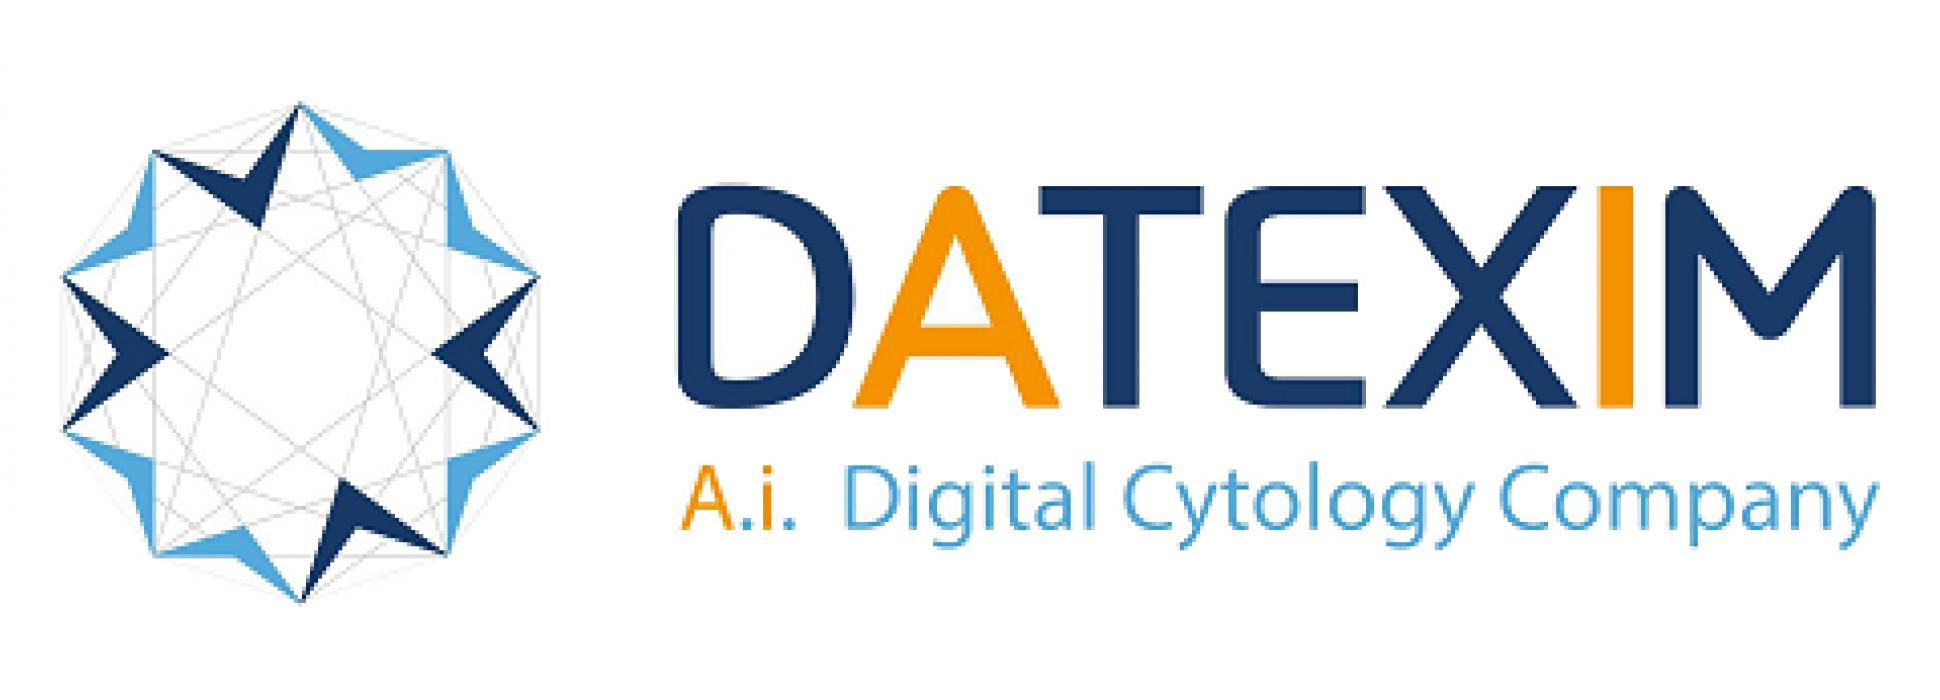 Caen - Datexim recauda 1 millón de euros para distribuir su solución de diagnóstico basada en la inteligencia artificial